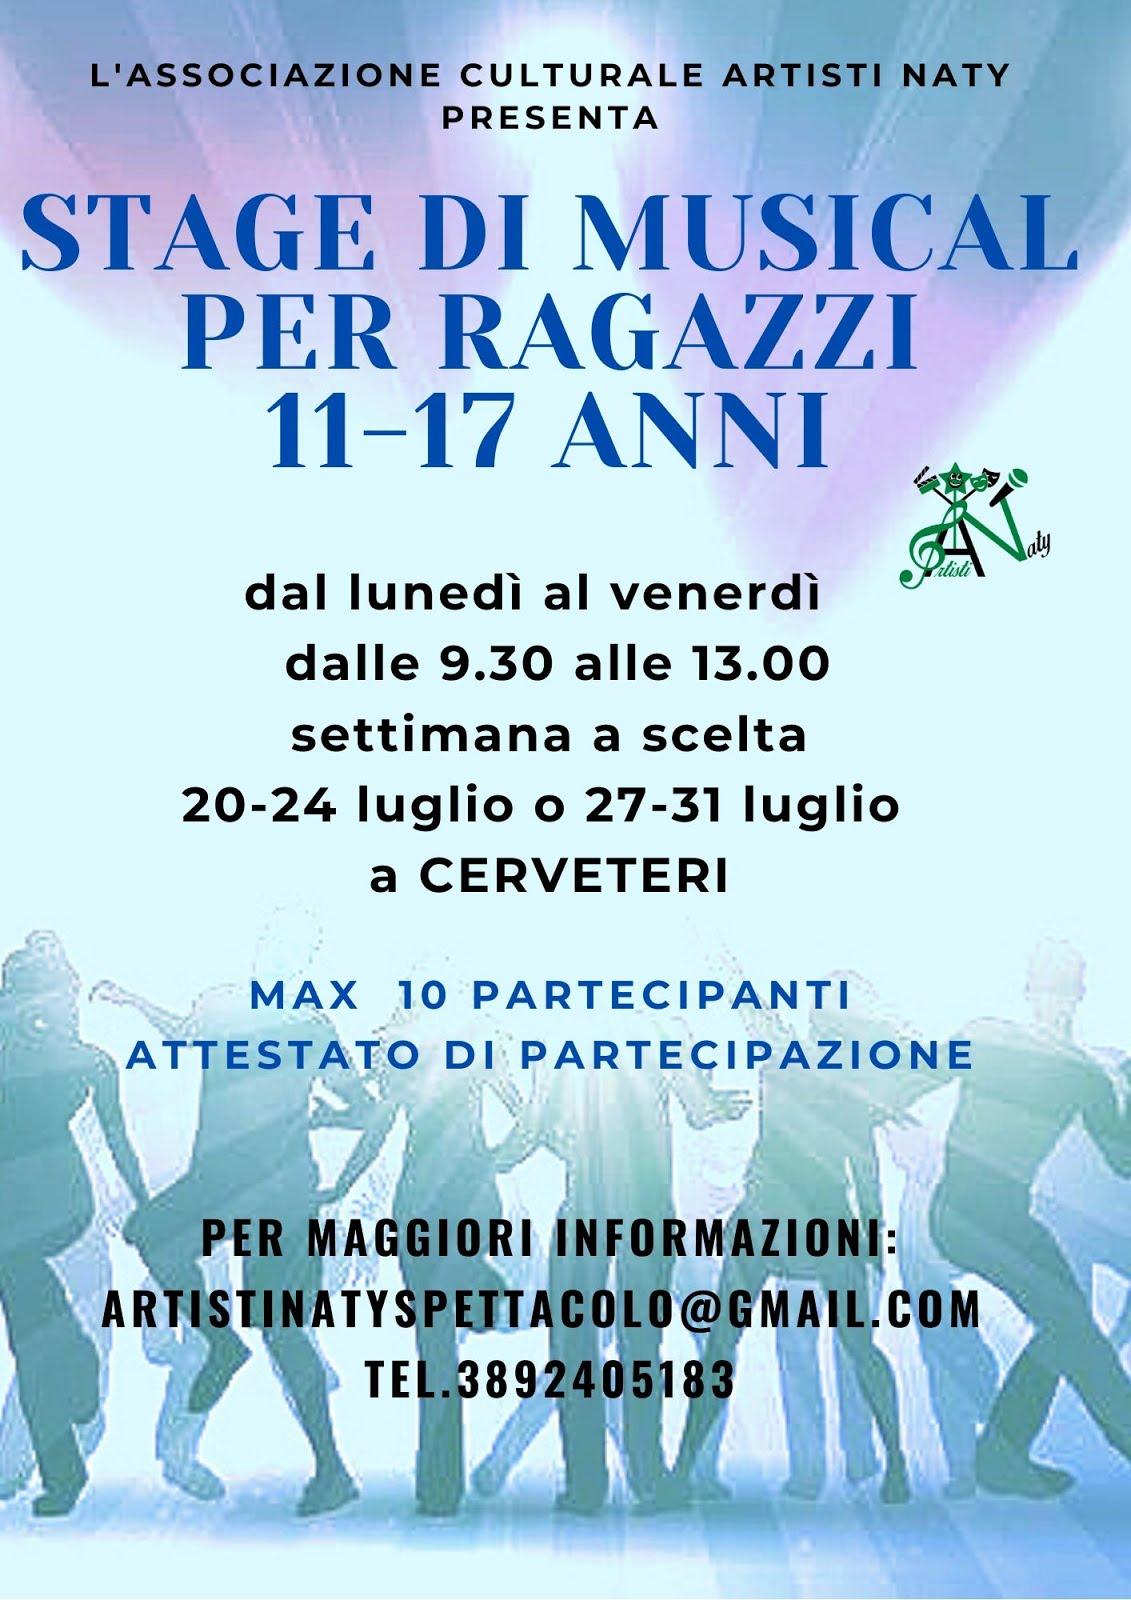 STAGE DI MUSICAL 11-17 ANNI